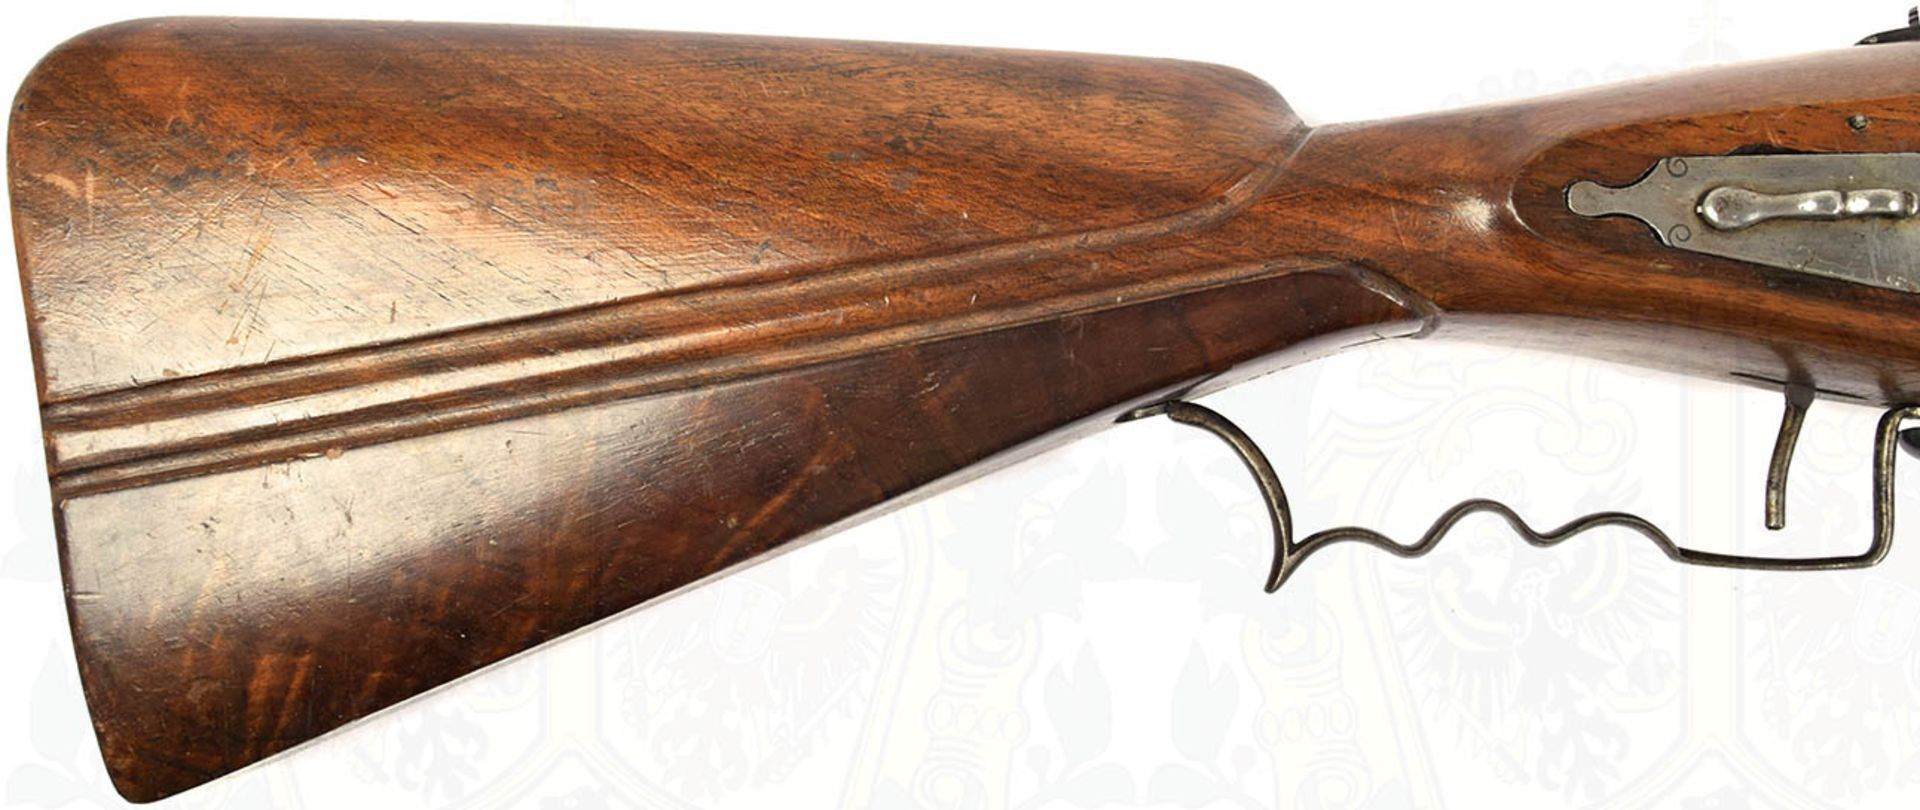 RADSCHLOß-WALLBÜCHSE, schöne, detailgetreue Nachfertigung eines Modells um 1700, eiserner, etwa - Bild 6 aus 9